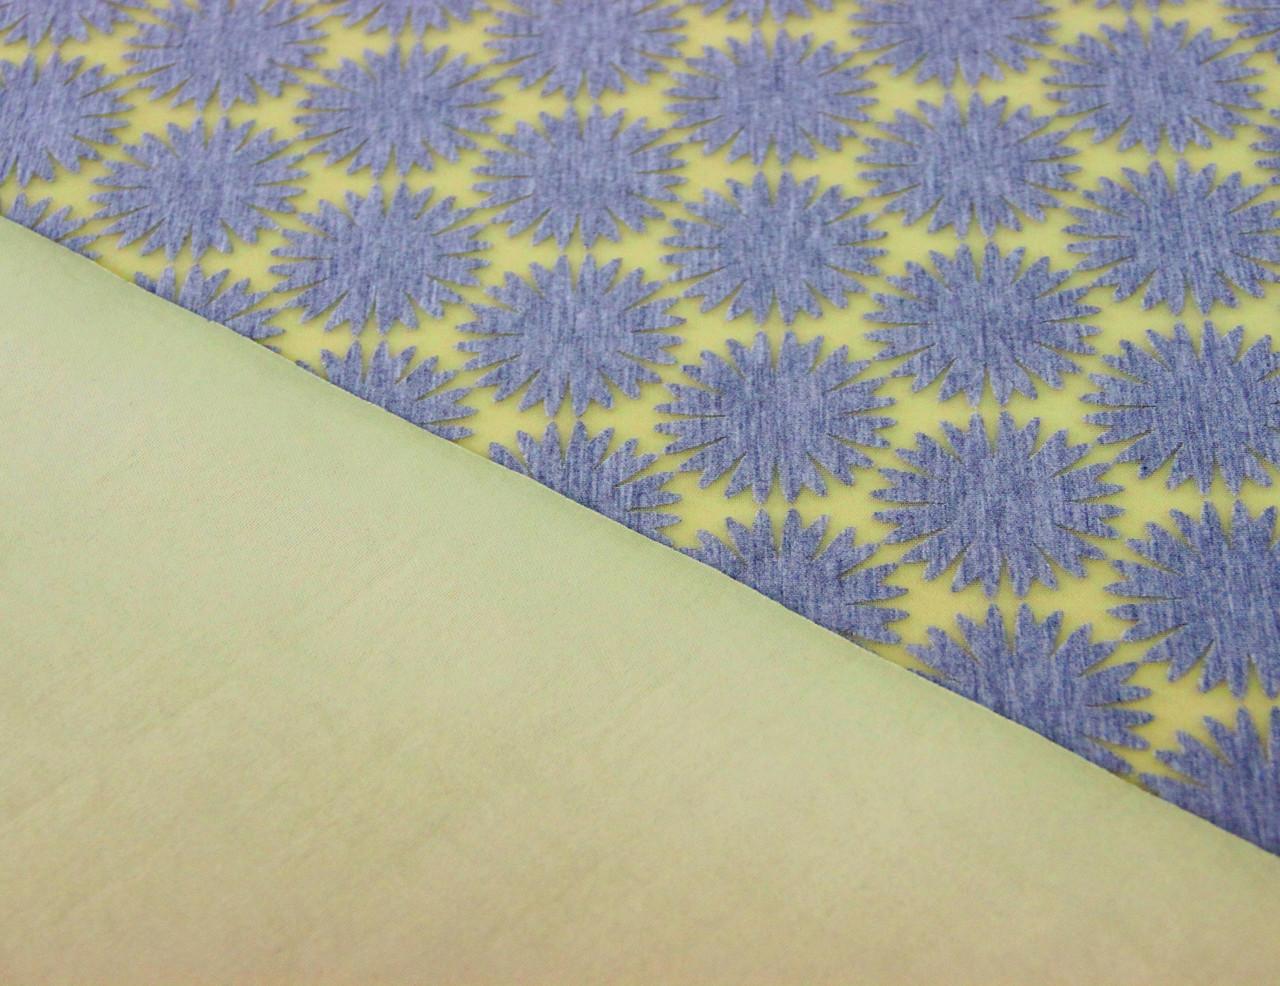 Неопрен двосторонній жовтого кольору з сірими сонечками/сніжинками BX 5